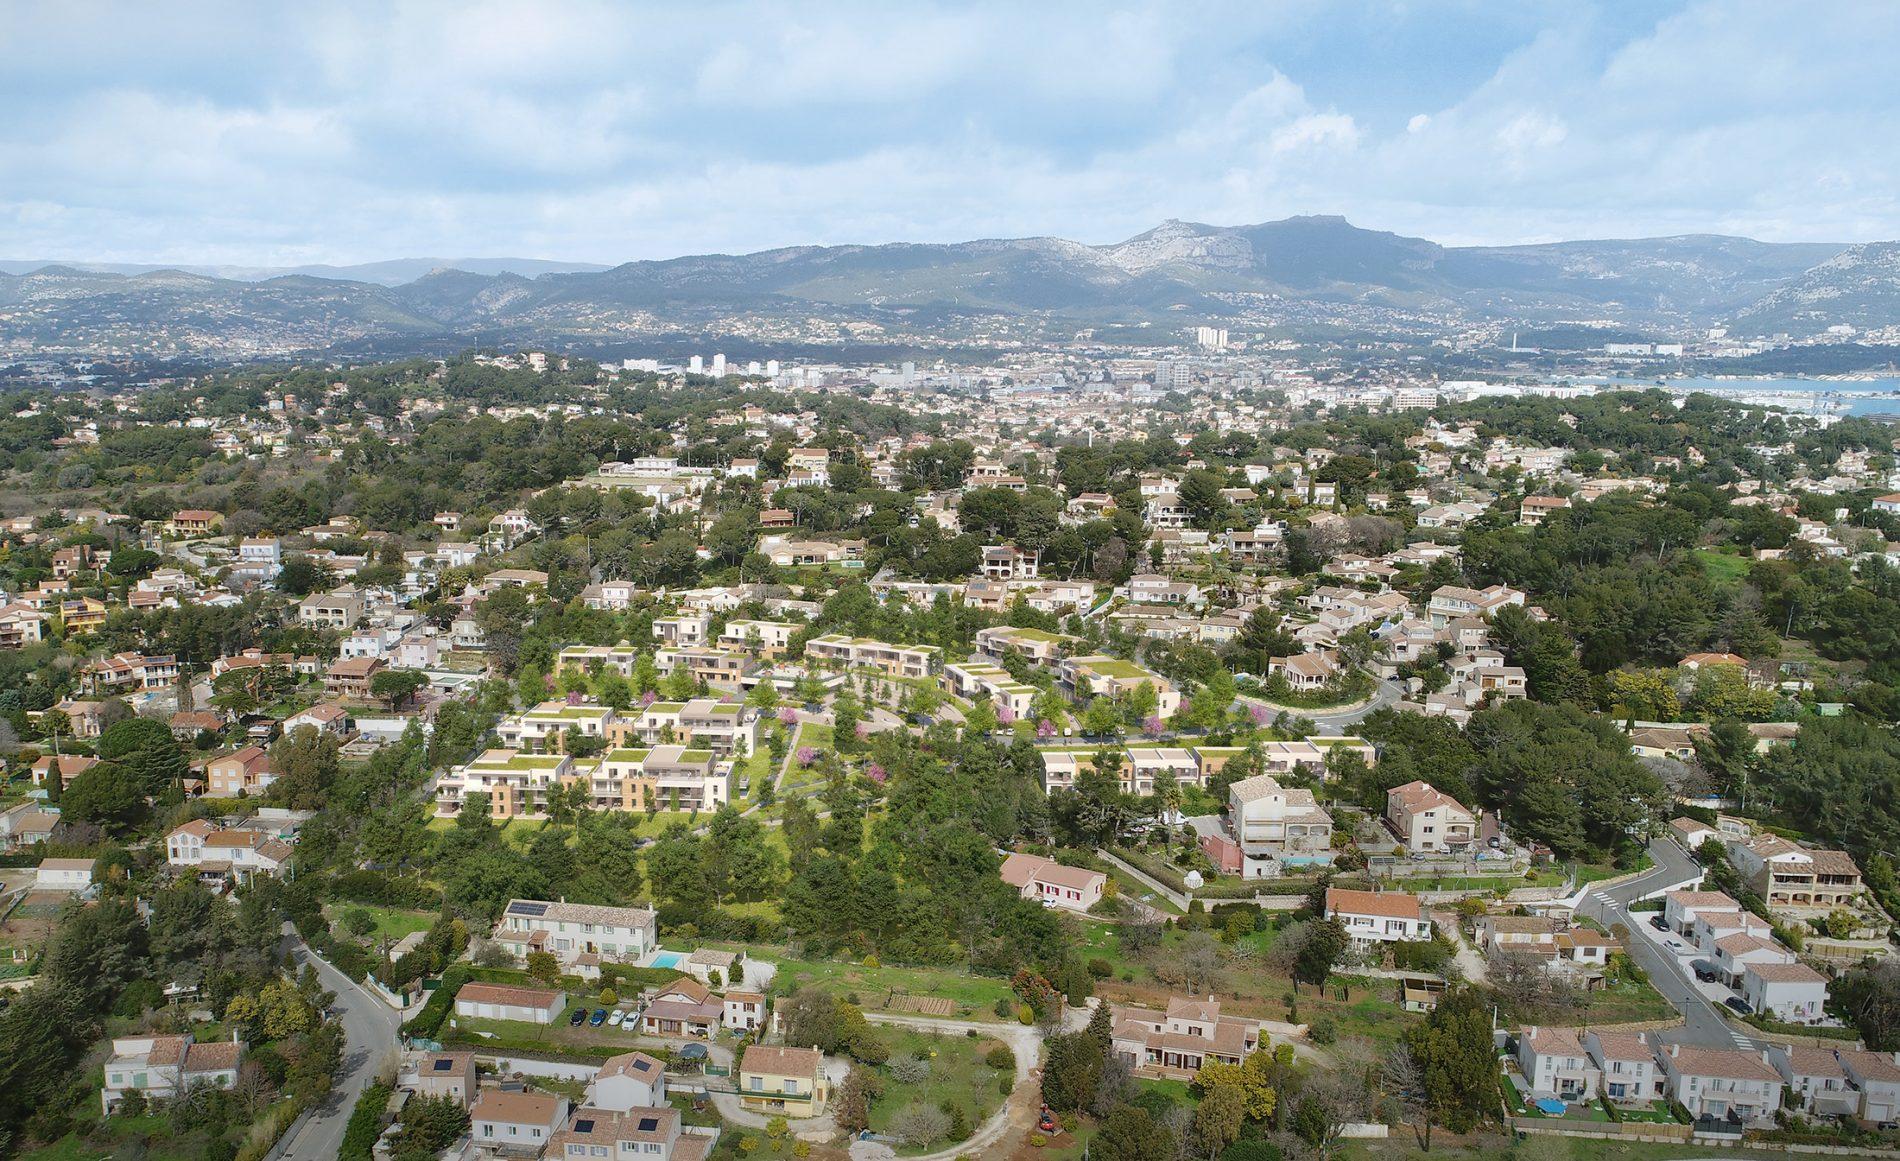 Image du concours d'architecture (vue aérienne) du projet de logements Coste chaude à la Seyne-sur-Mer